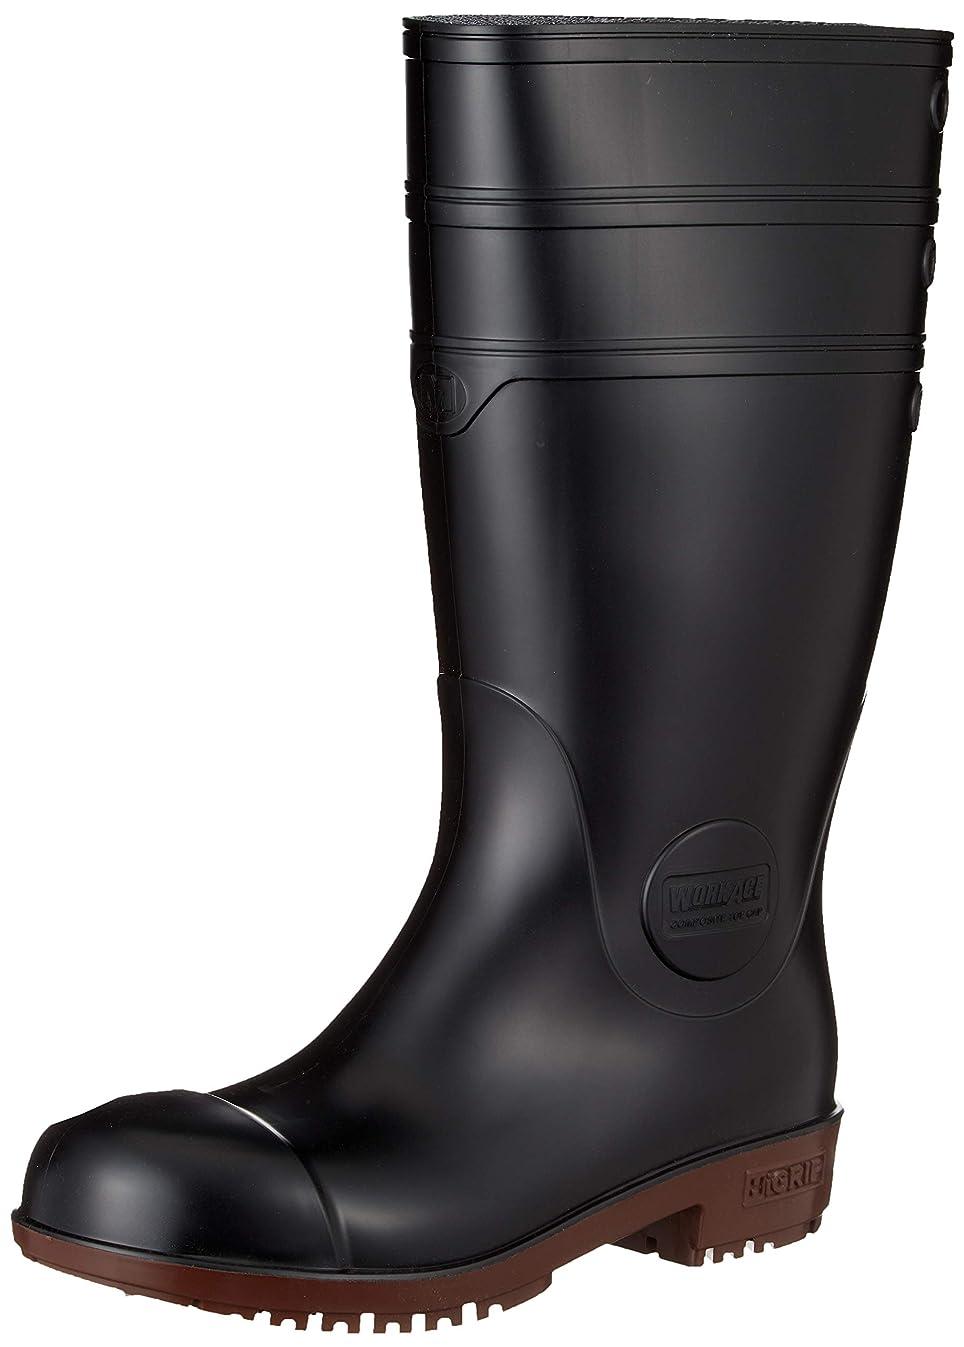 [ミドリ安全] 安全長靴 先芯入り 耐滑 耐油 耐薬 ハイグリップ NHG1000 スーパー